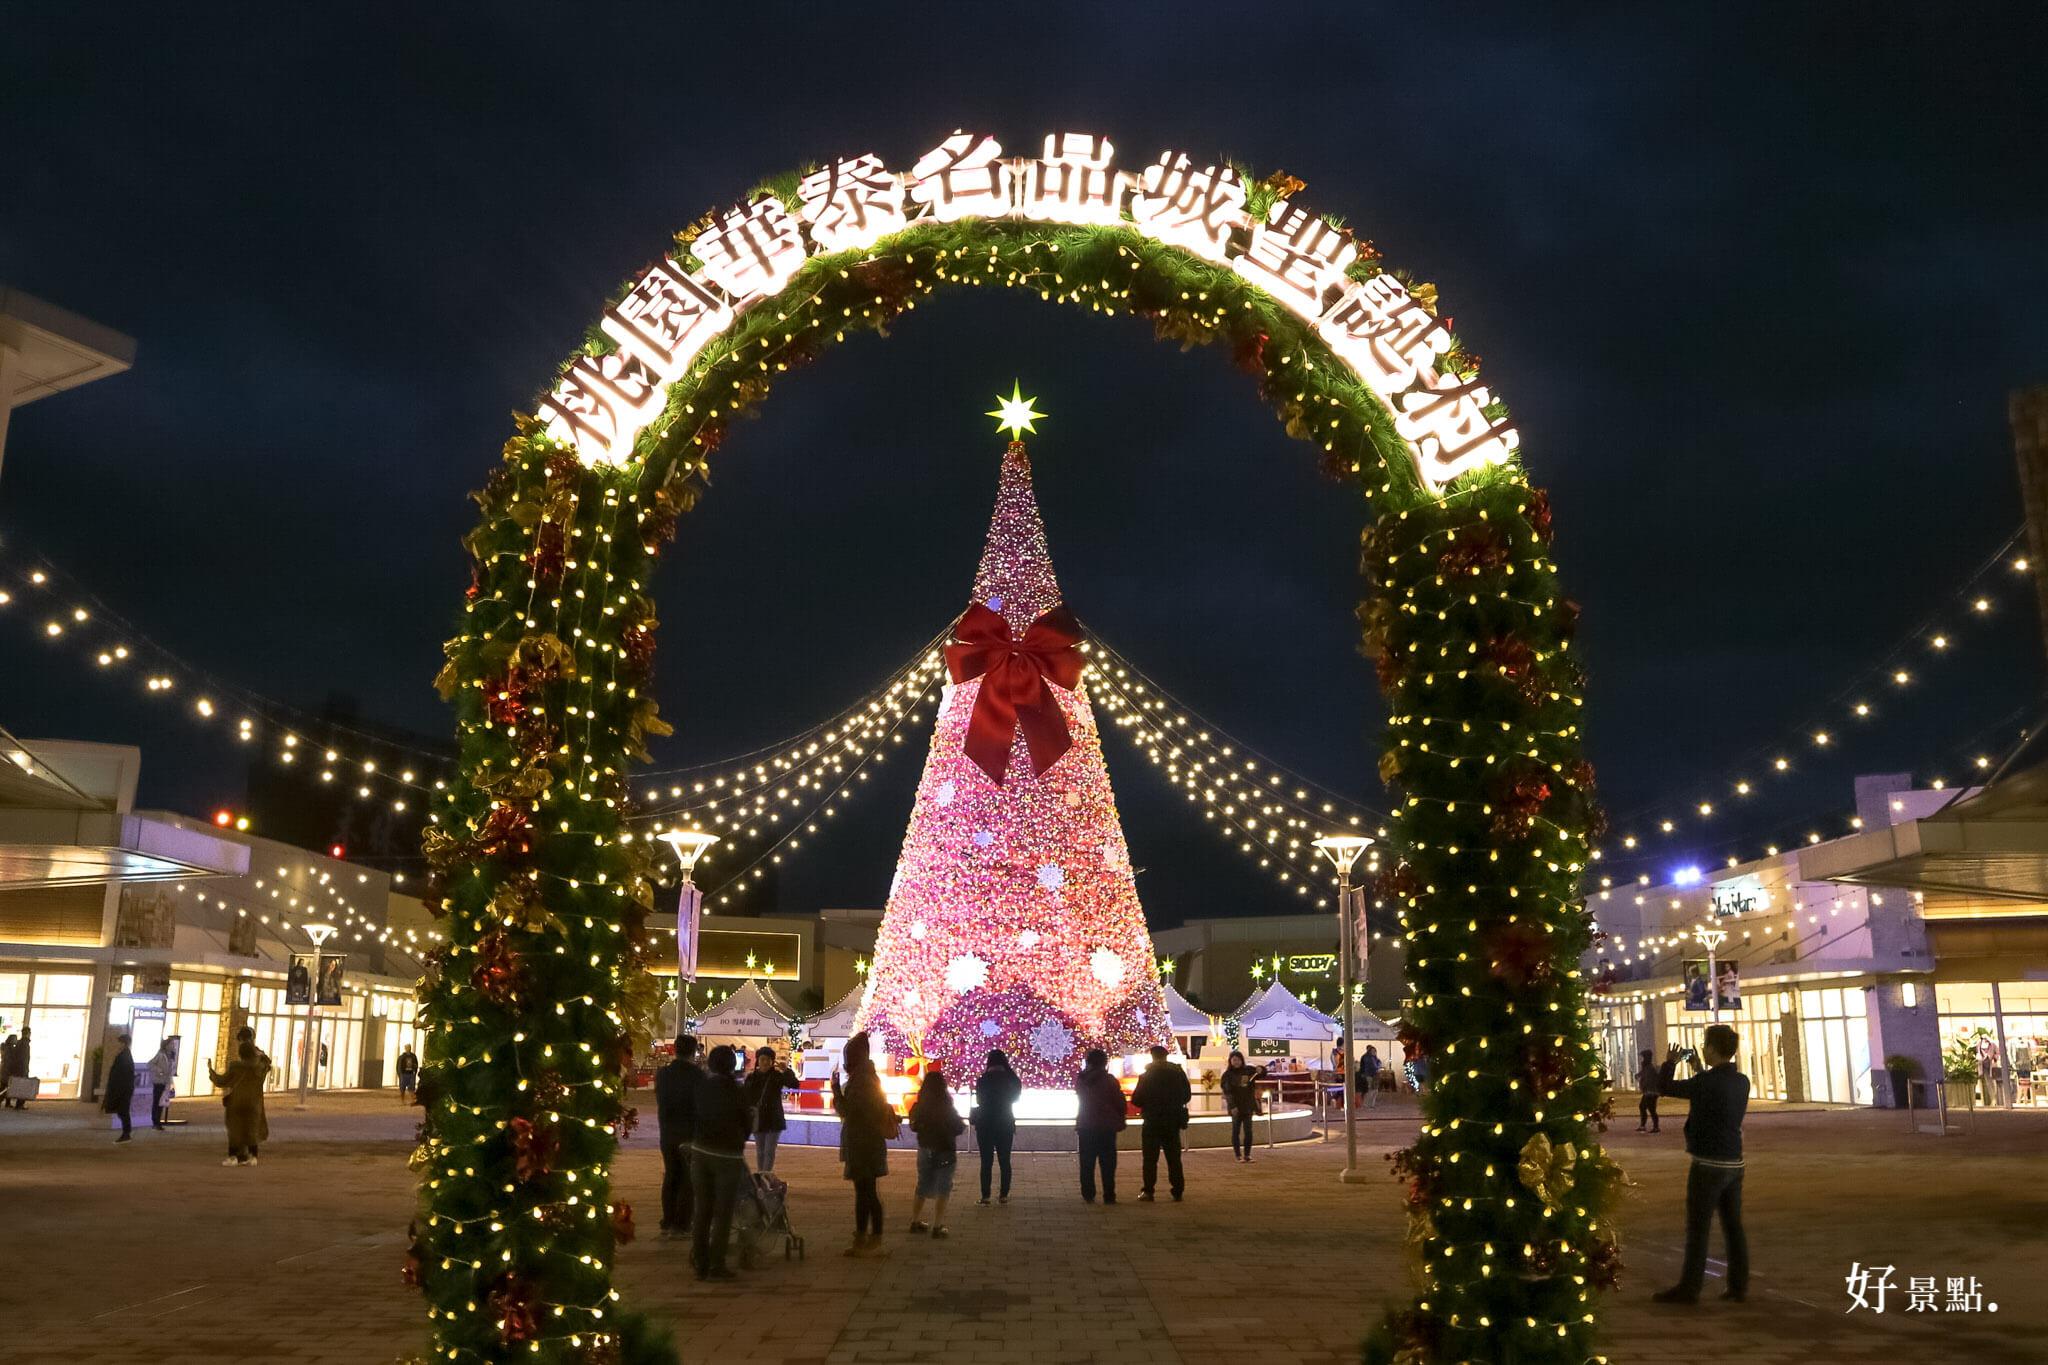 |桃園。中壢|華泰名品城15米高超夢幻聖誕樹、繽紛雪景、聖誕市集超有氣氛!